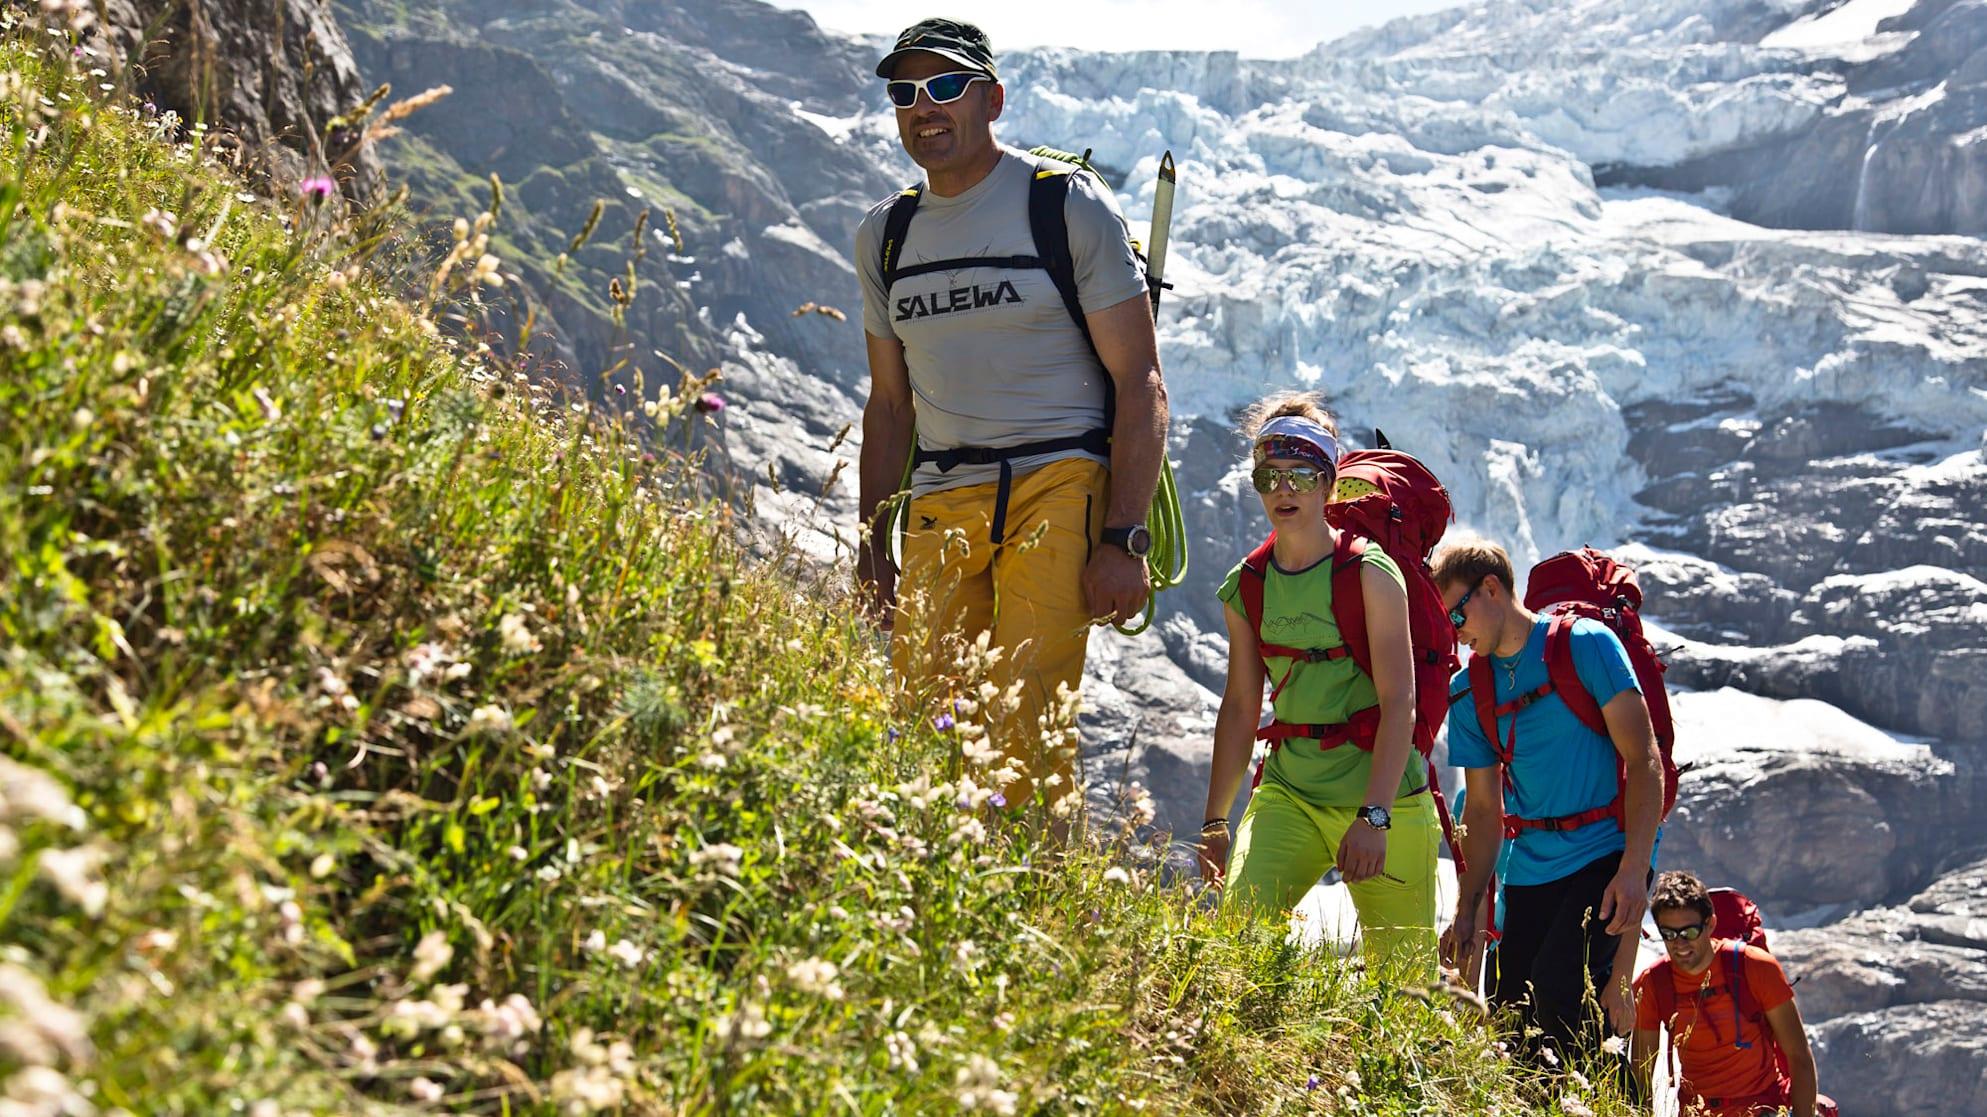 SALEWA, Grindelwald, Schweiz, get Vertical, High Apine, BMW